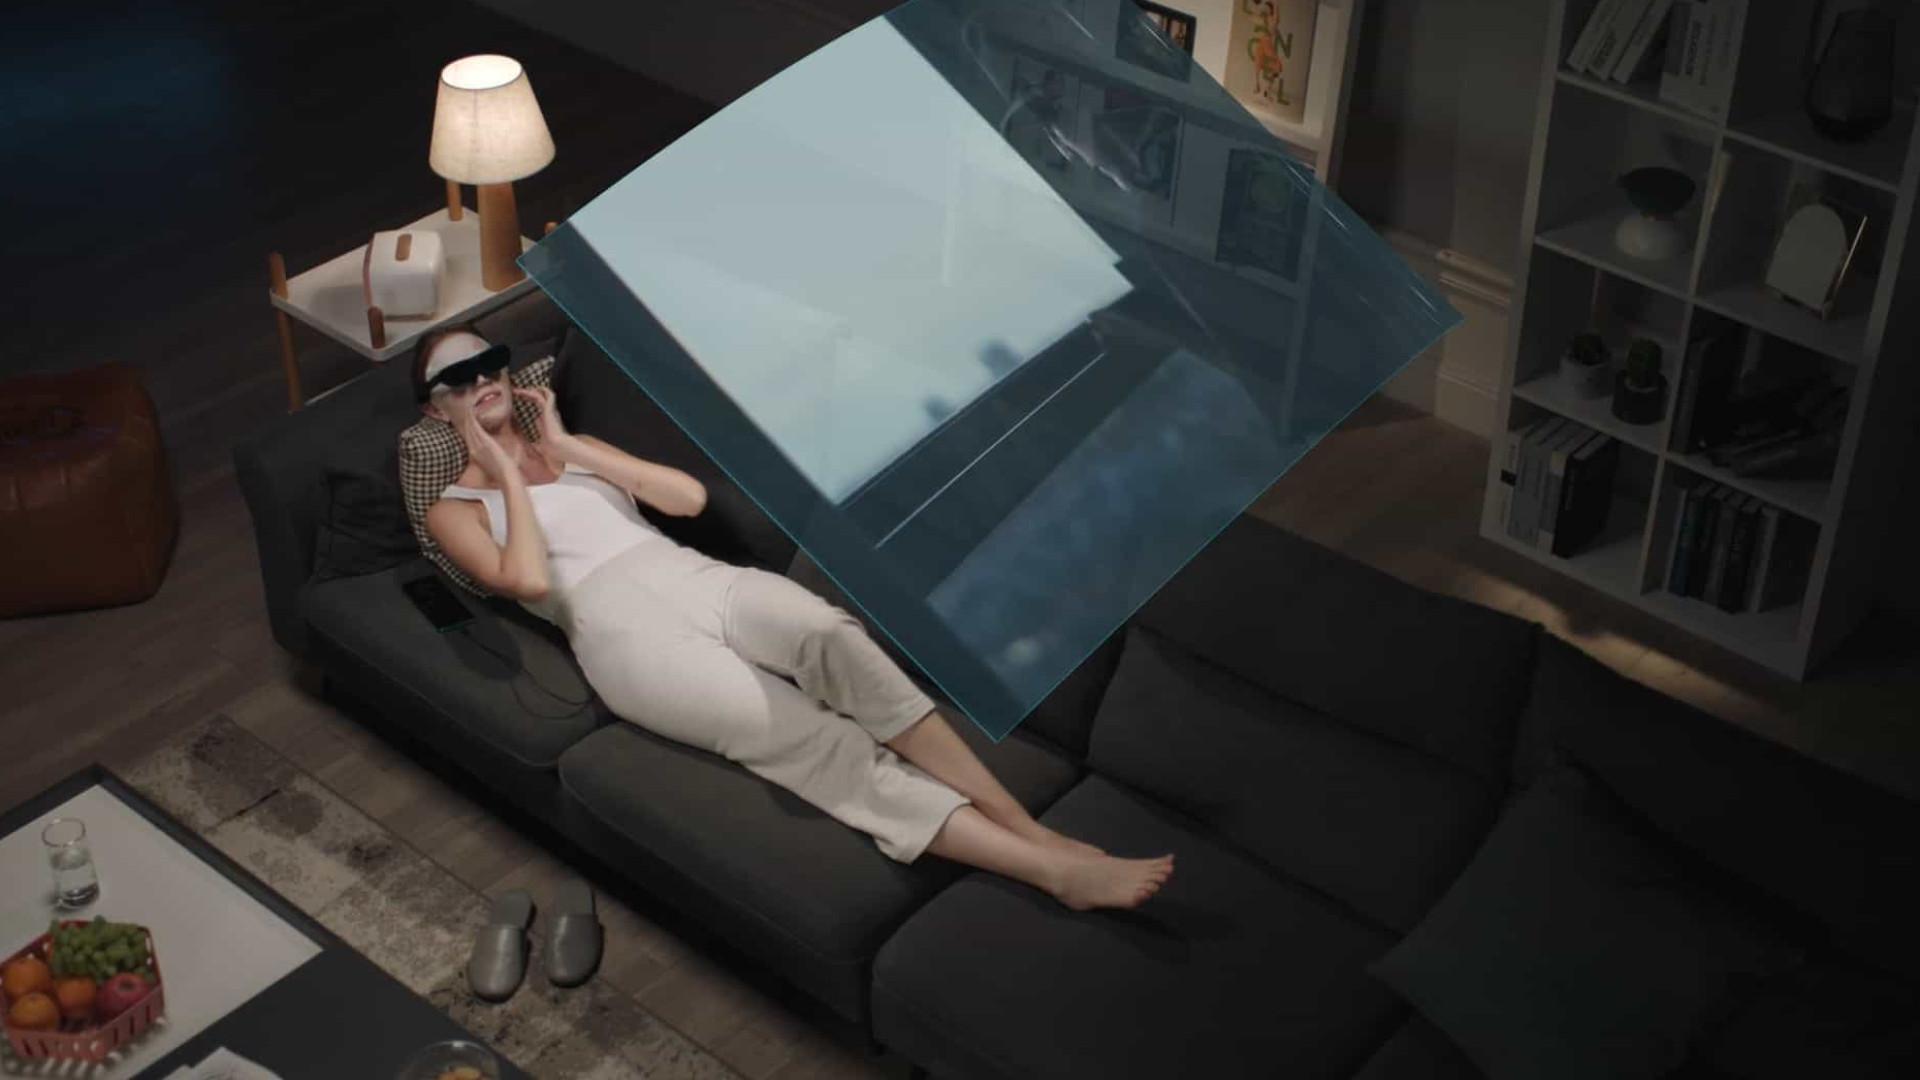 TCL confirma lançamento de óculos inteligentes para o próximo mês